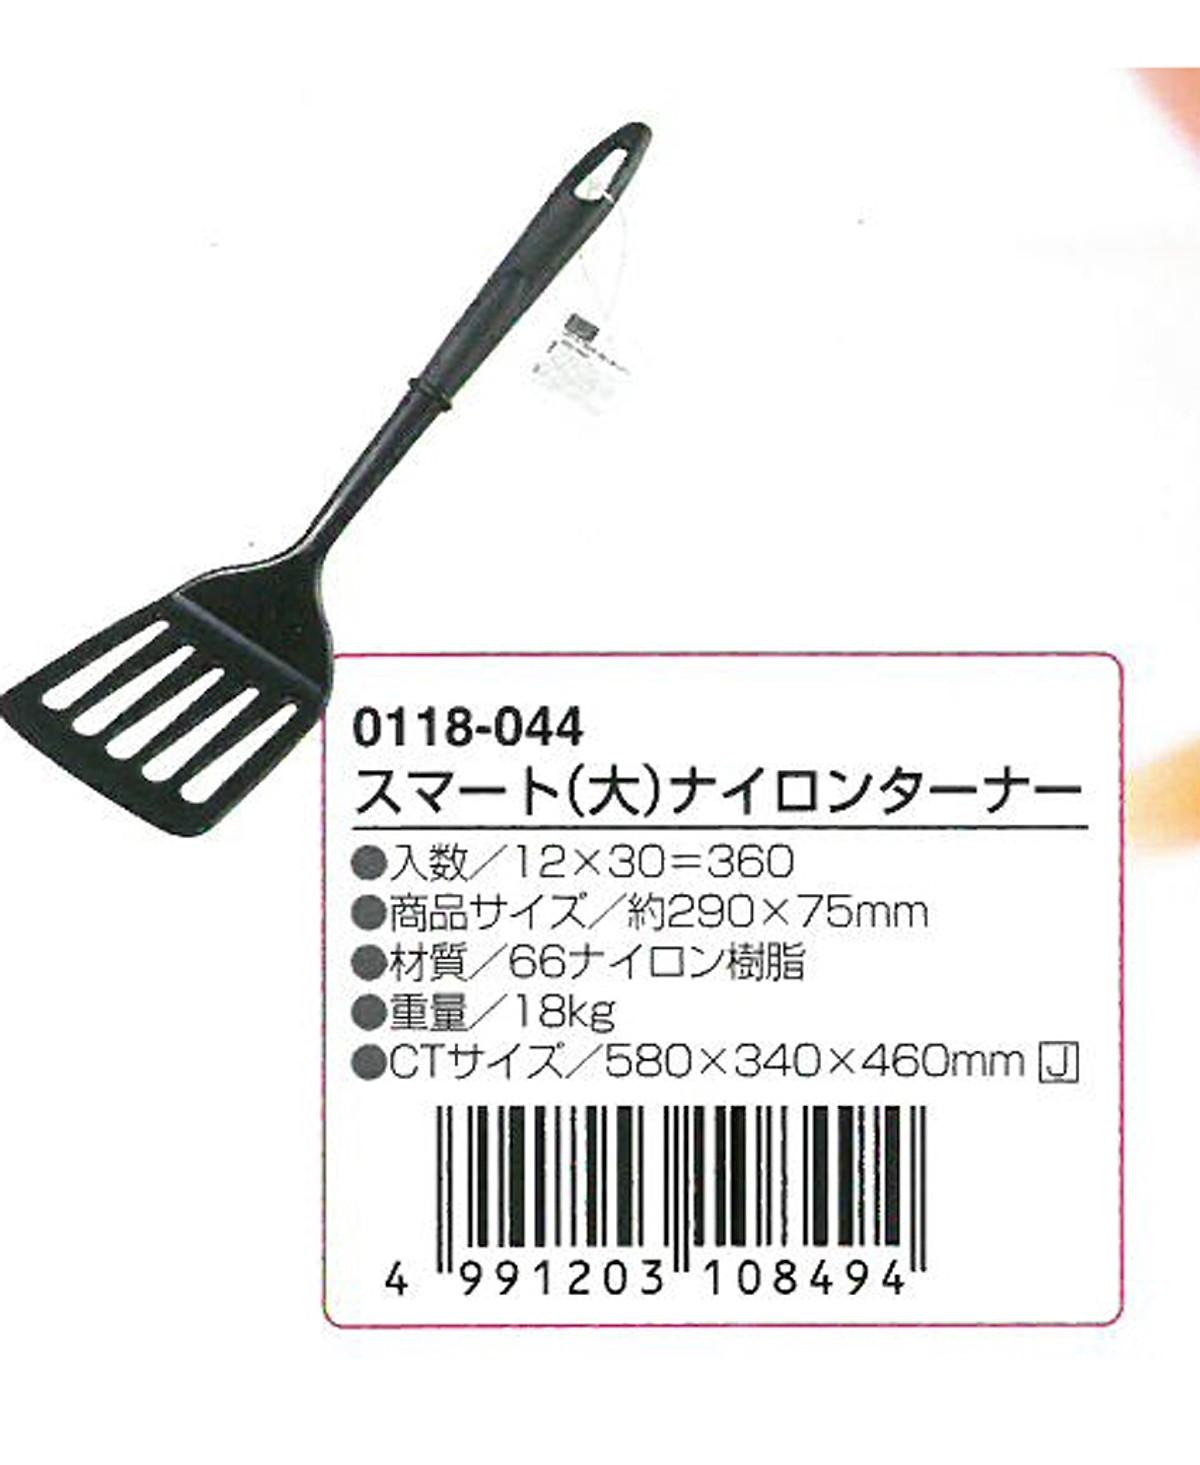 Xẻng (Muôi) Múc Thức Ăn Có Rãnh Thông Minh Nhật Bản